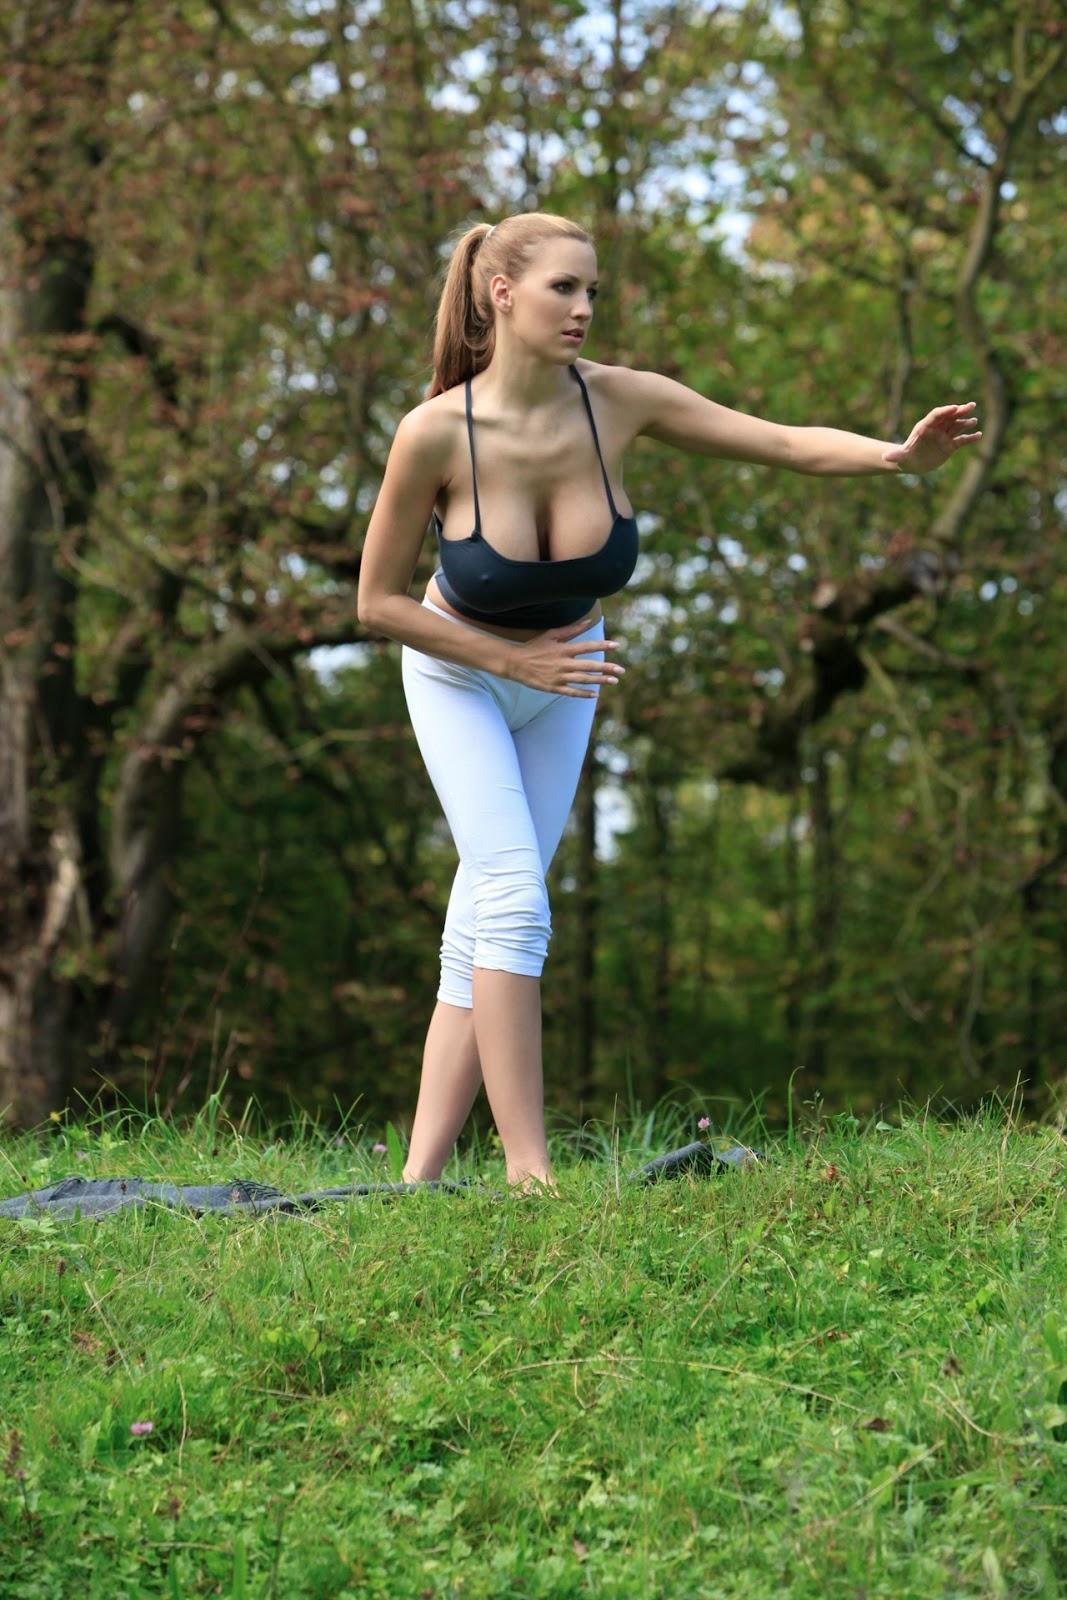 http://1.bp.blogspot.com/-U4-CNUugsEQ/T0OGT8nsFmI/AAAAAAAADcM/dDxio3Wj4go/s1600/Jordan-Carver-Yoga-44.jpg